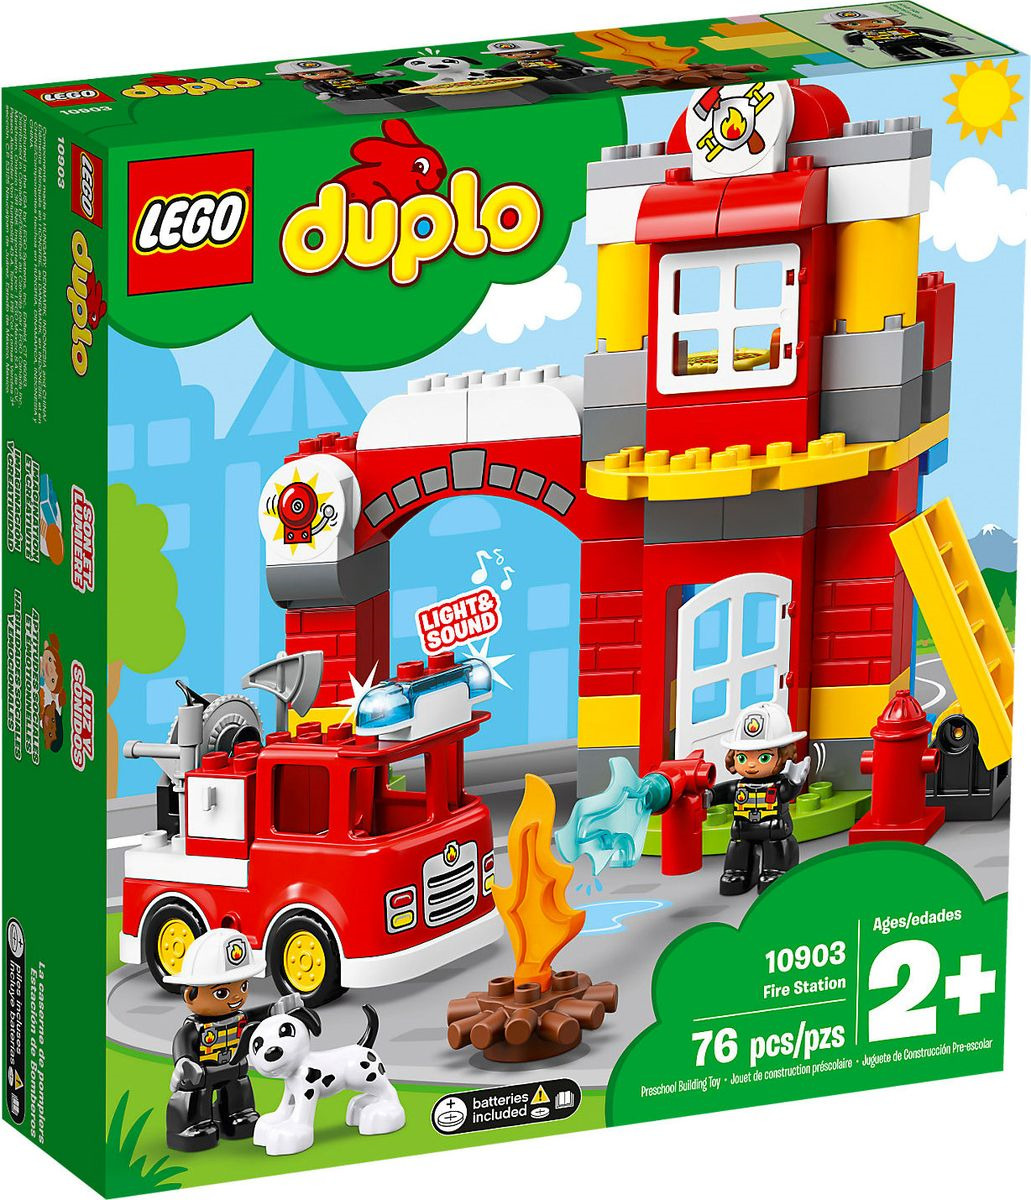 LEGO DUPLO Town 10903 Пожарное депо Конструктор lego education preschool 45011 люди мира duplo